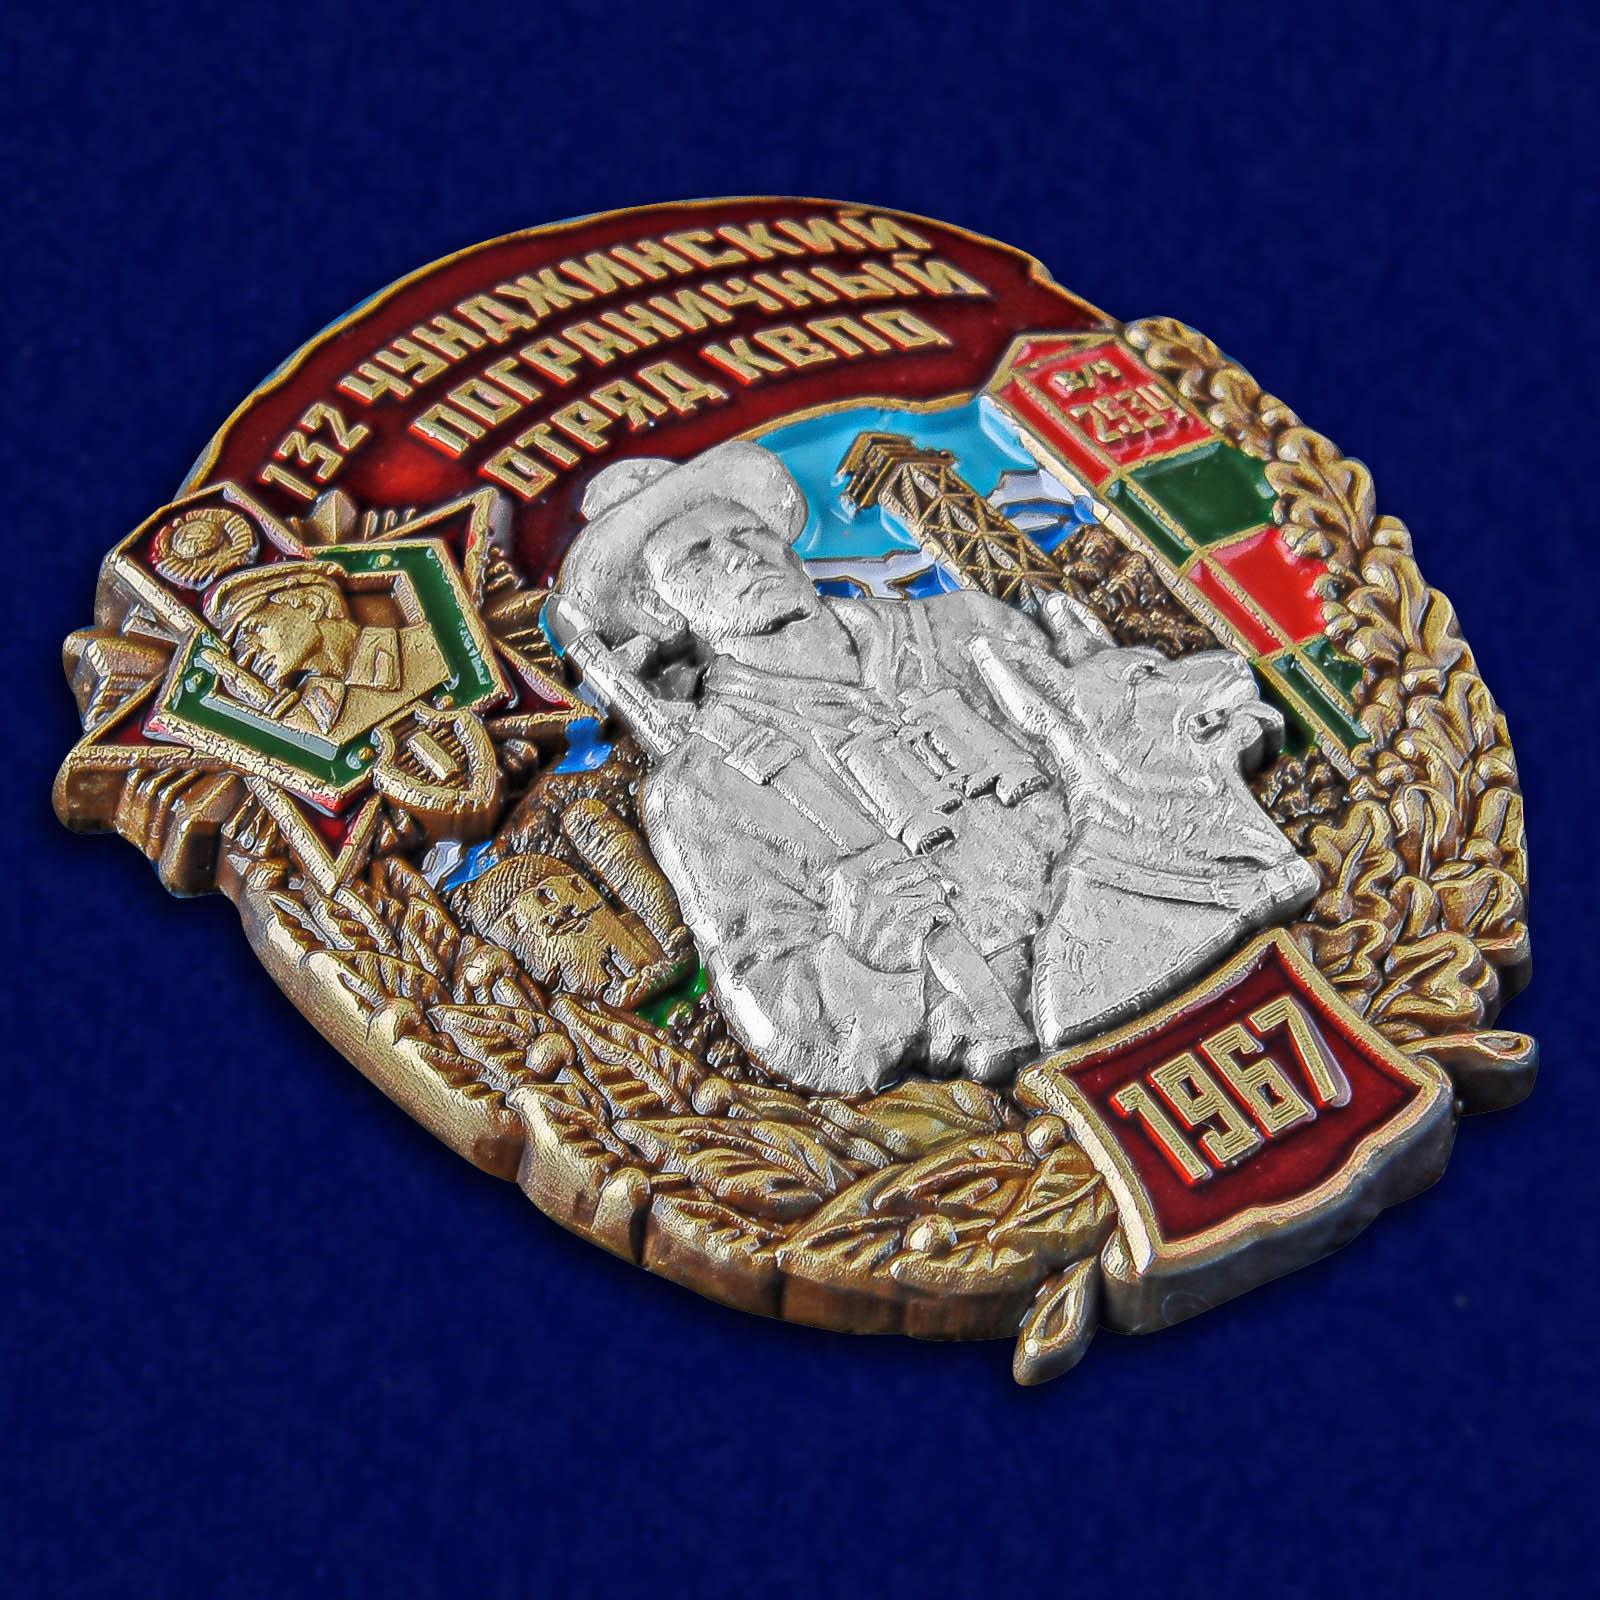 Латунный знак 132 Чунджинский Пограничный отряд КВПО - общий вид